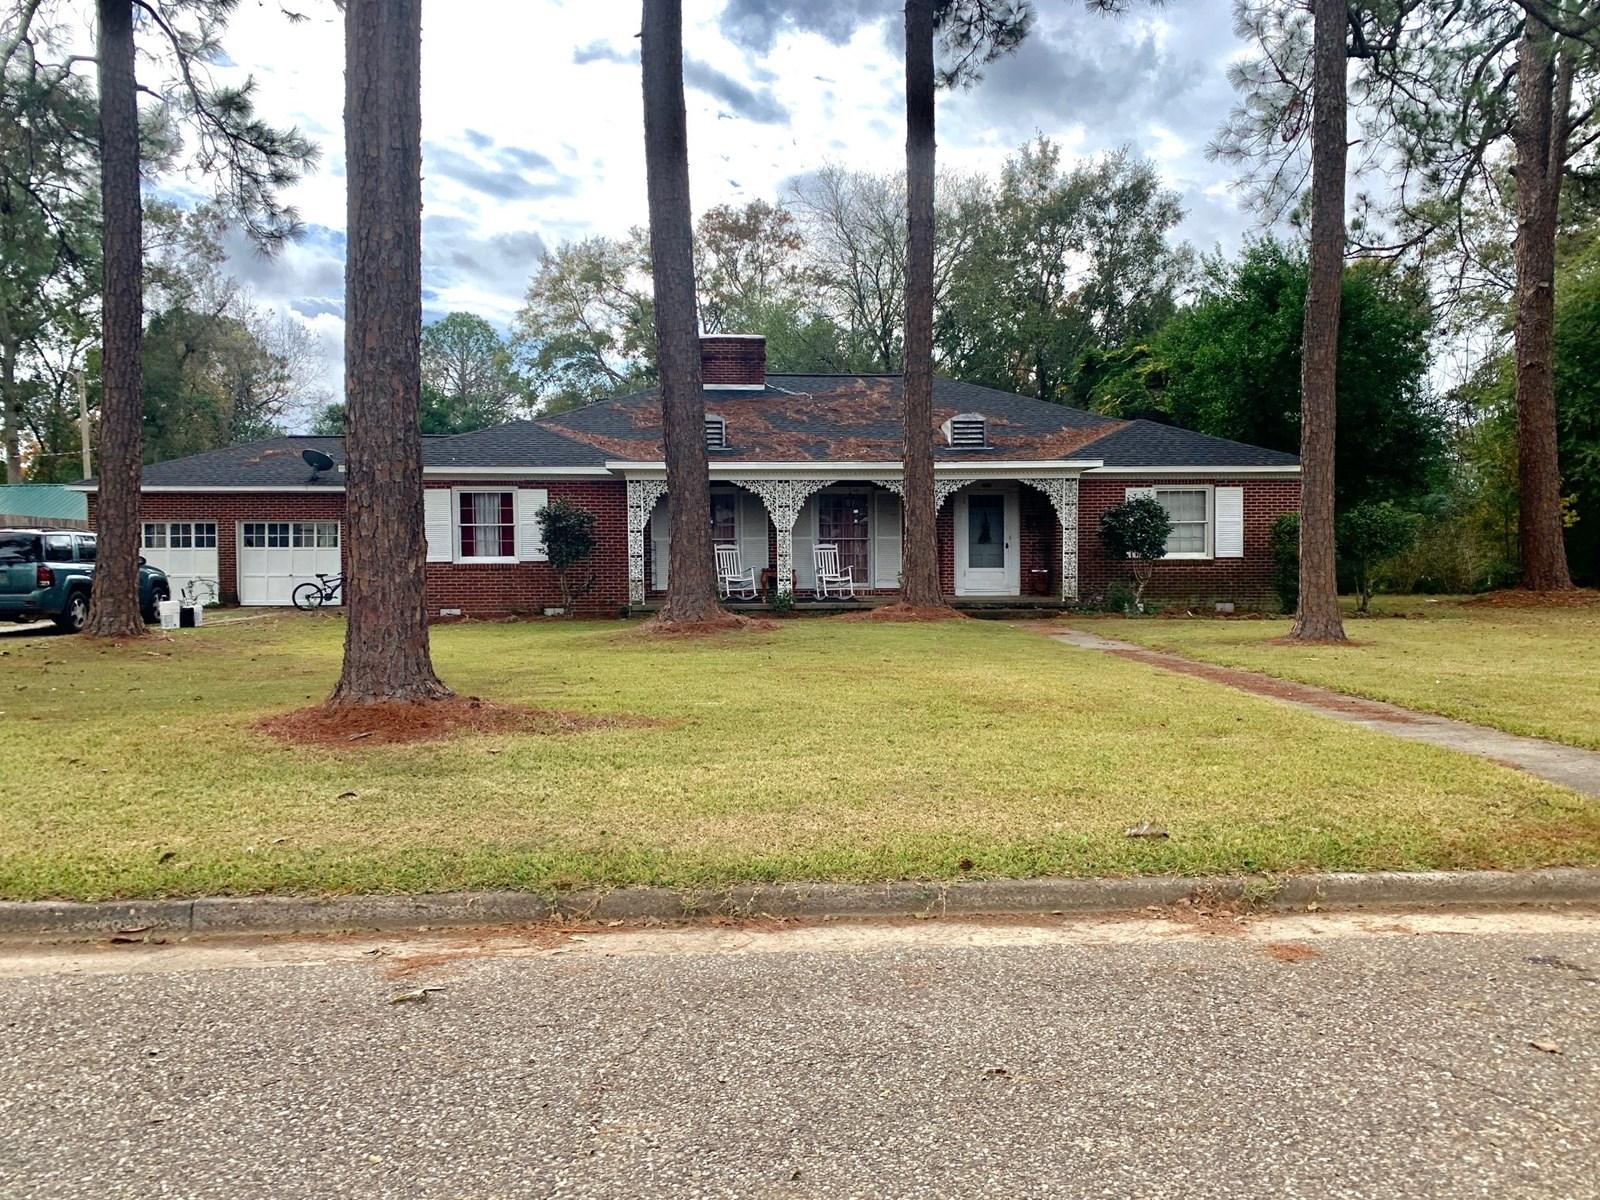 Home for sale Hartford, AL